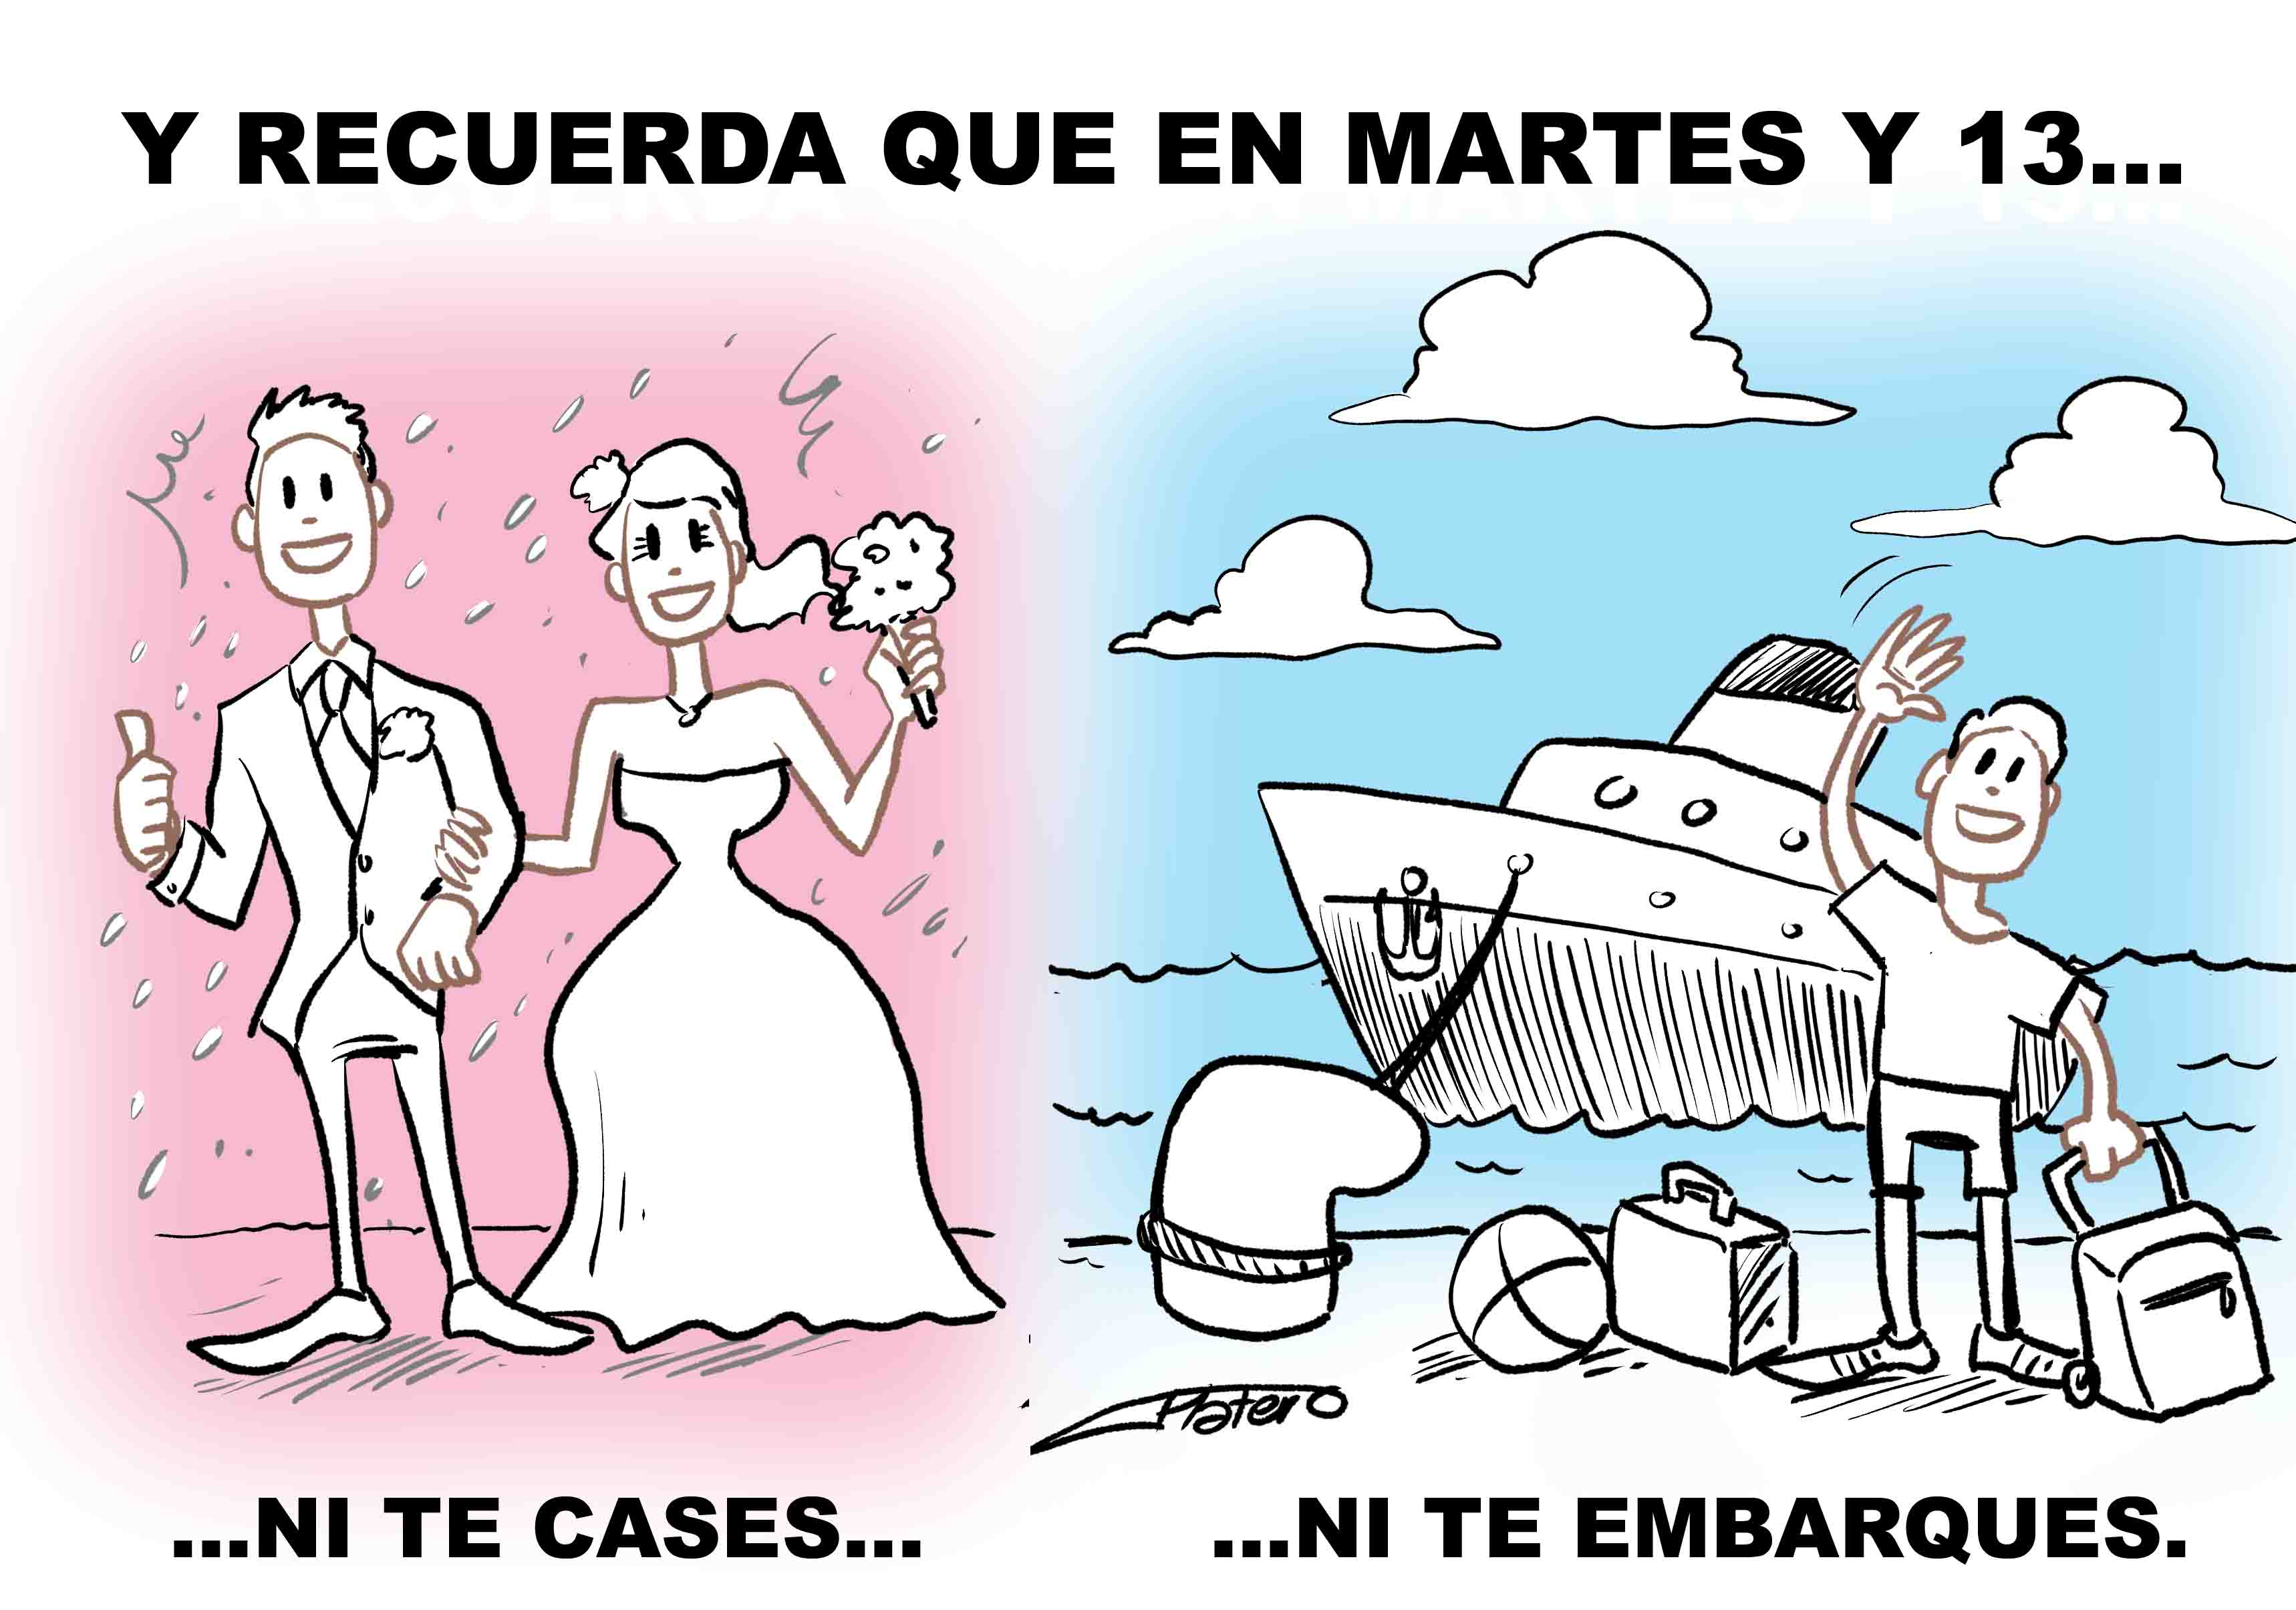 MARTES Y 13_JOSE_LUIS_PLATERO_PLATEROCAR